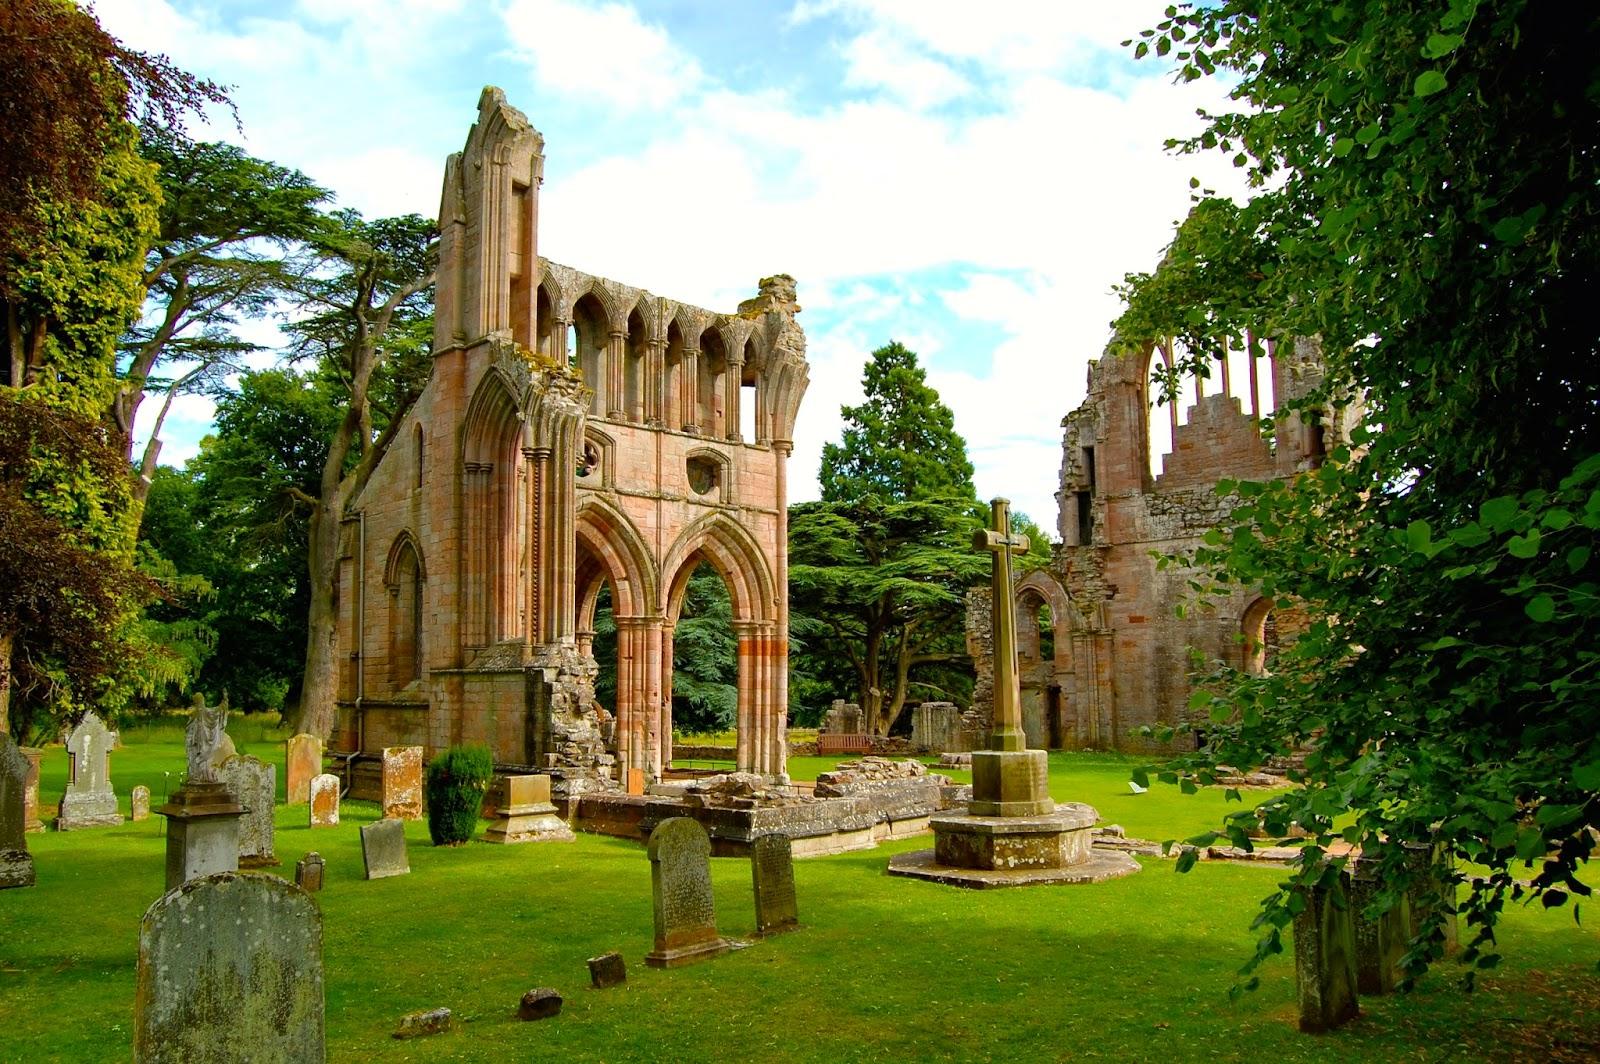 Dryburgh Abbey ruins; Dryburgh, Scotland